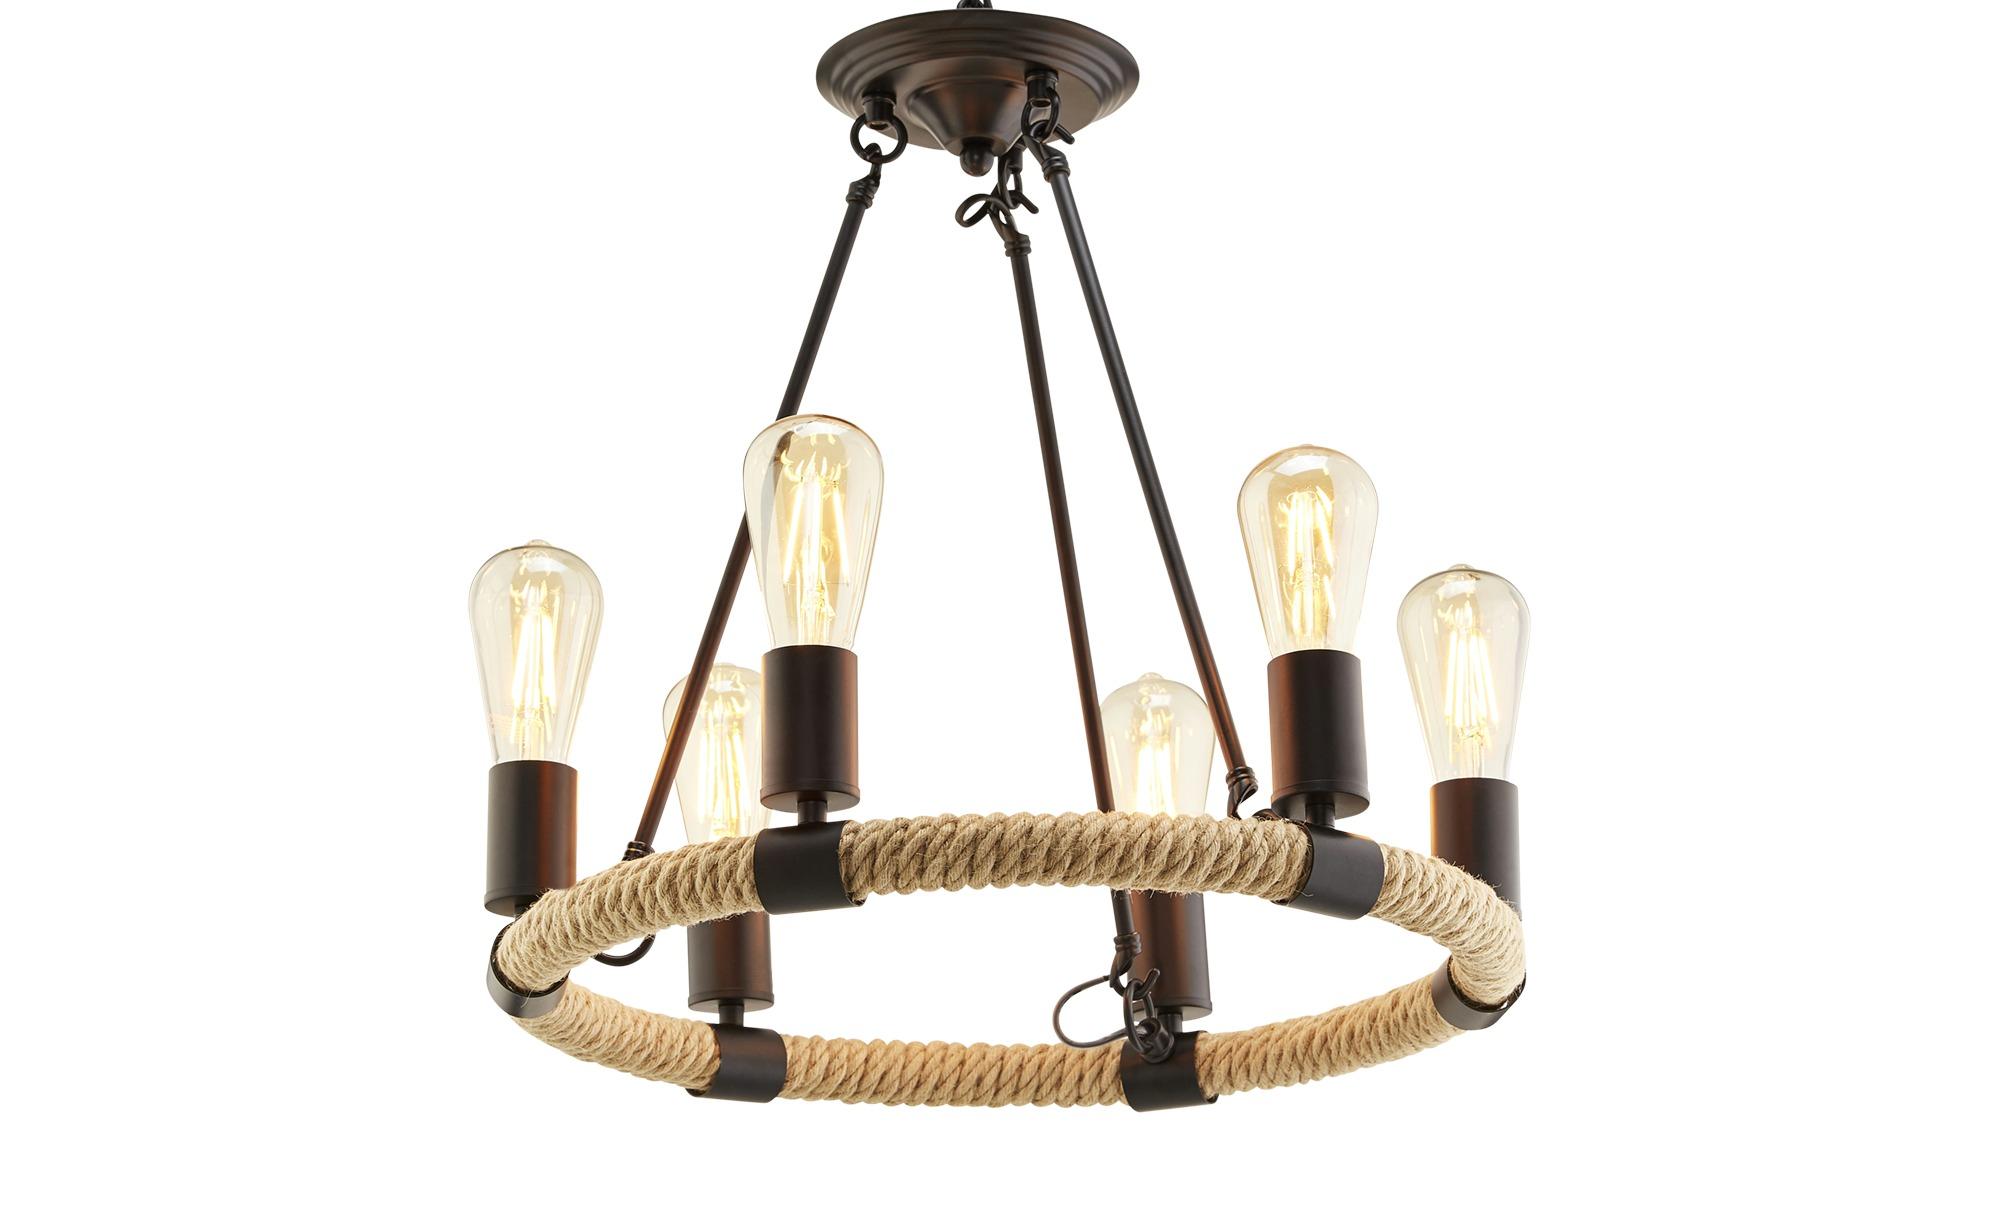 Hängeleuchte, 6-flammig ¦ schwarz ¦ Maße (cm): H: 126 Ø: 49.5 Lampen & Leuchten > Innenleuchten > Pendelleuchten - Höffner